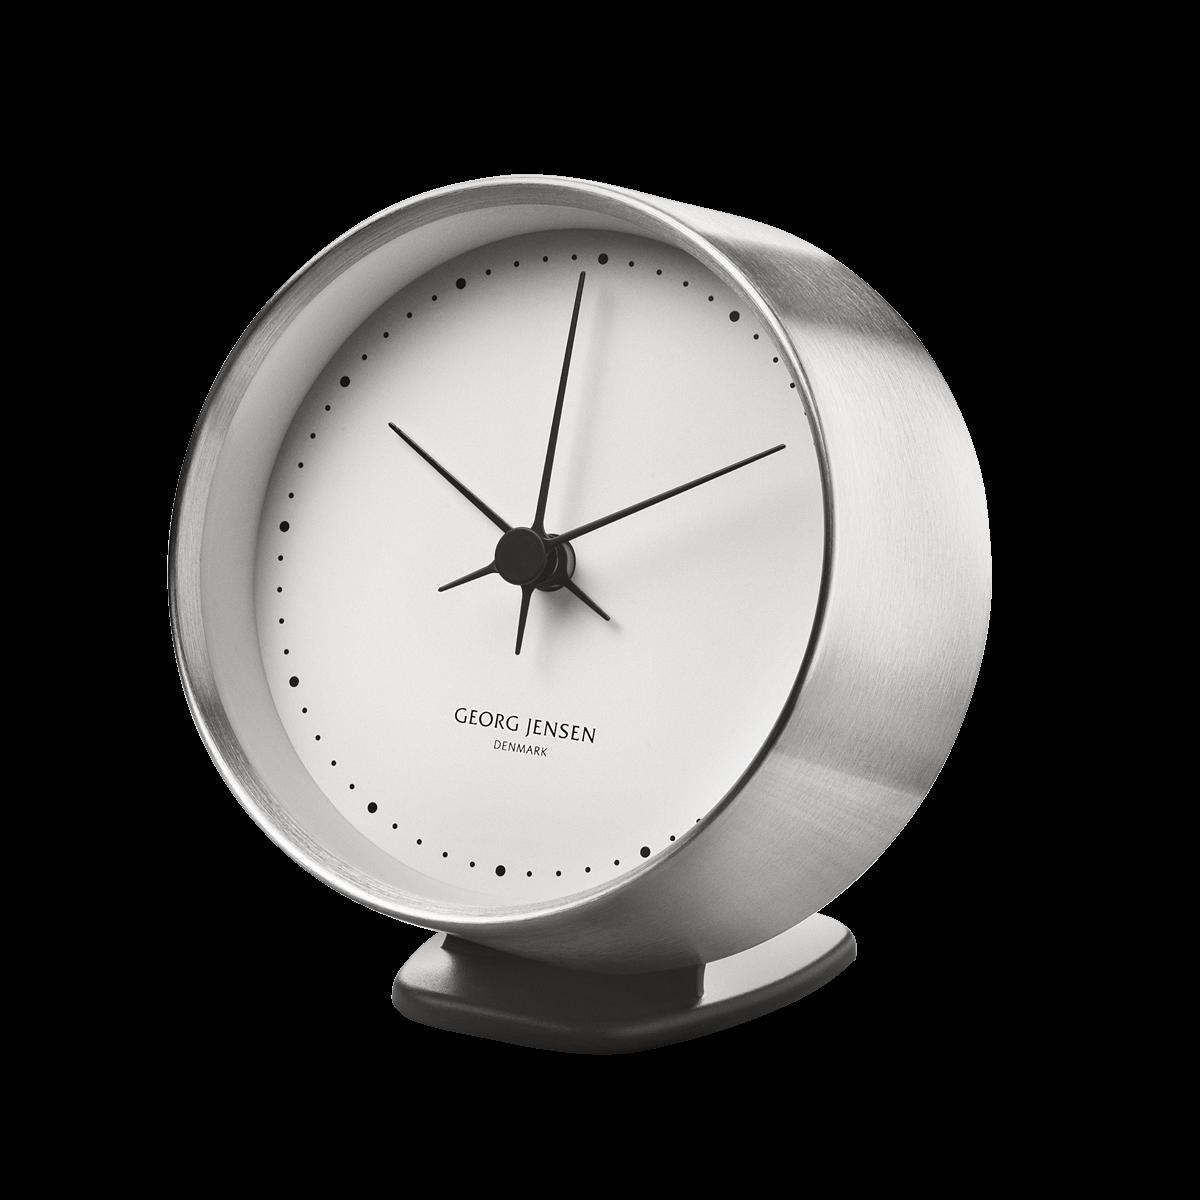 Holder For Hk 10 Cm Clocks And Weatherstations